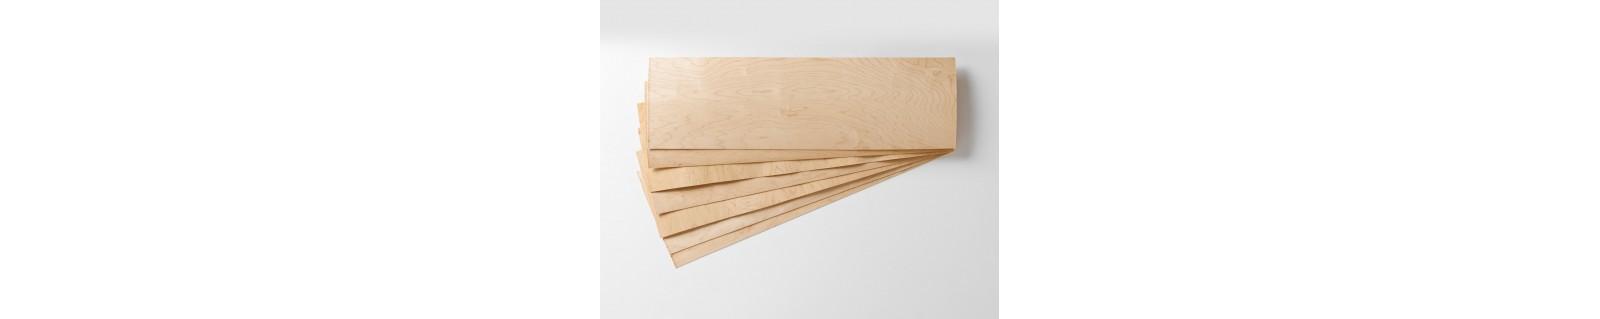 Ahornfurnier in Street Deck Größe.